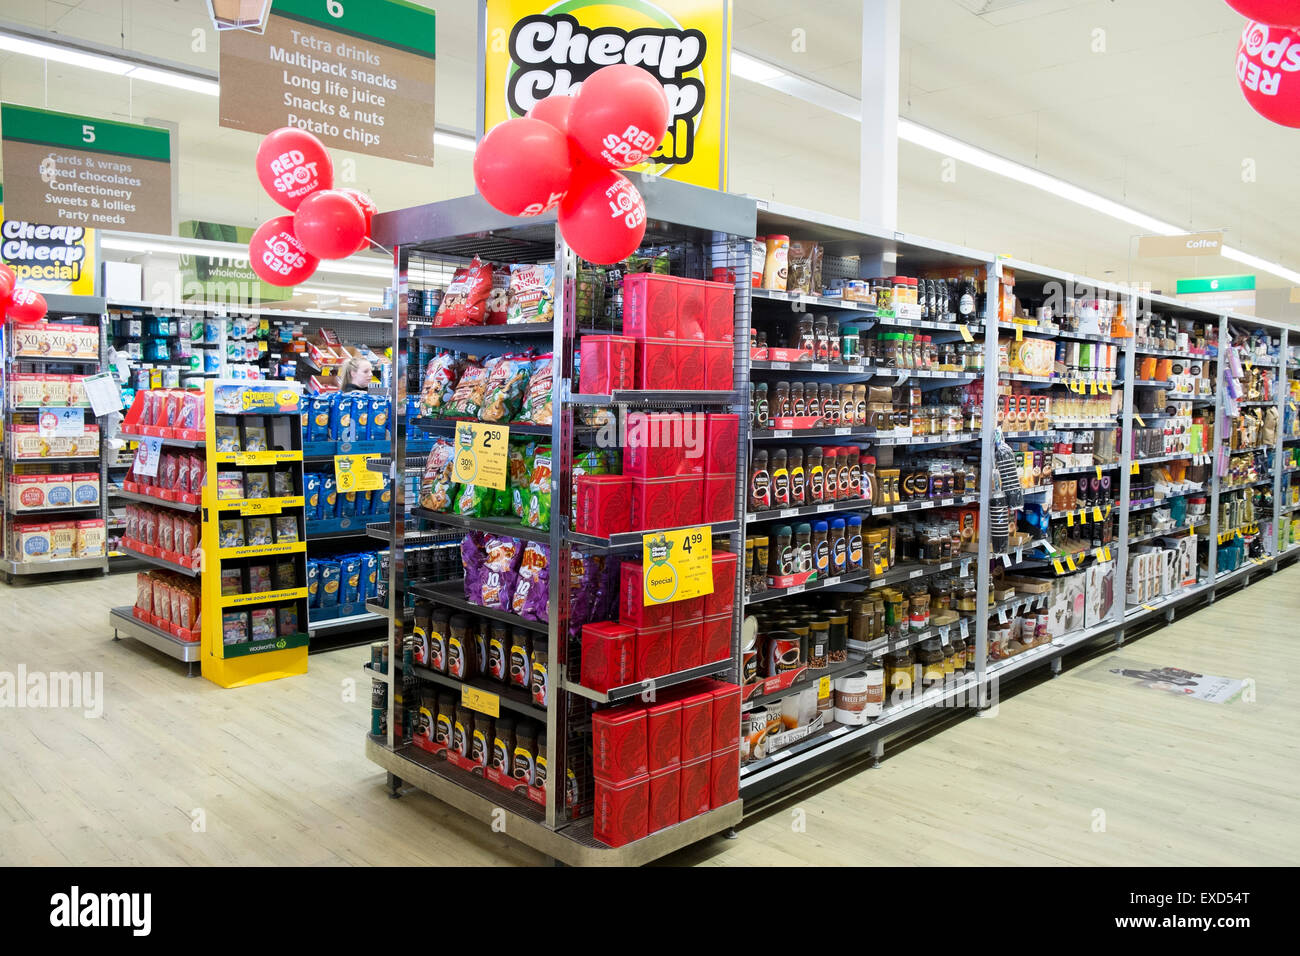 Australisch Familie Interieur : Australische woolworth supermarkt interieur mit rot vor ort